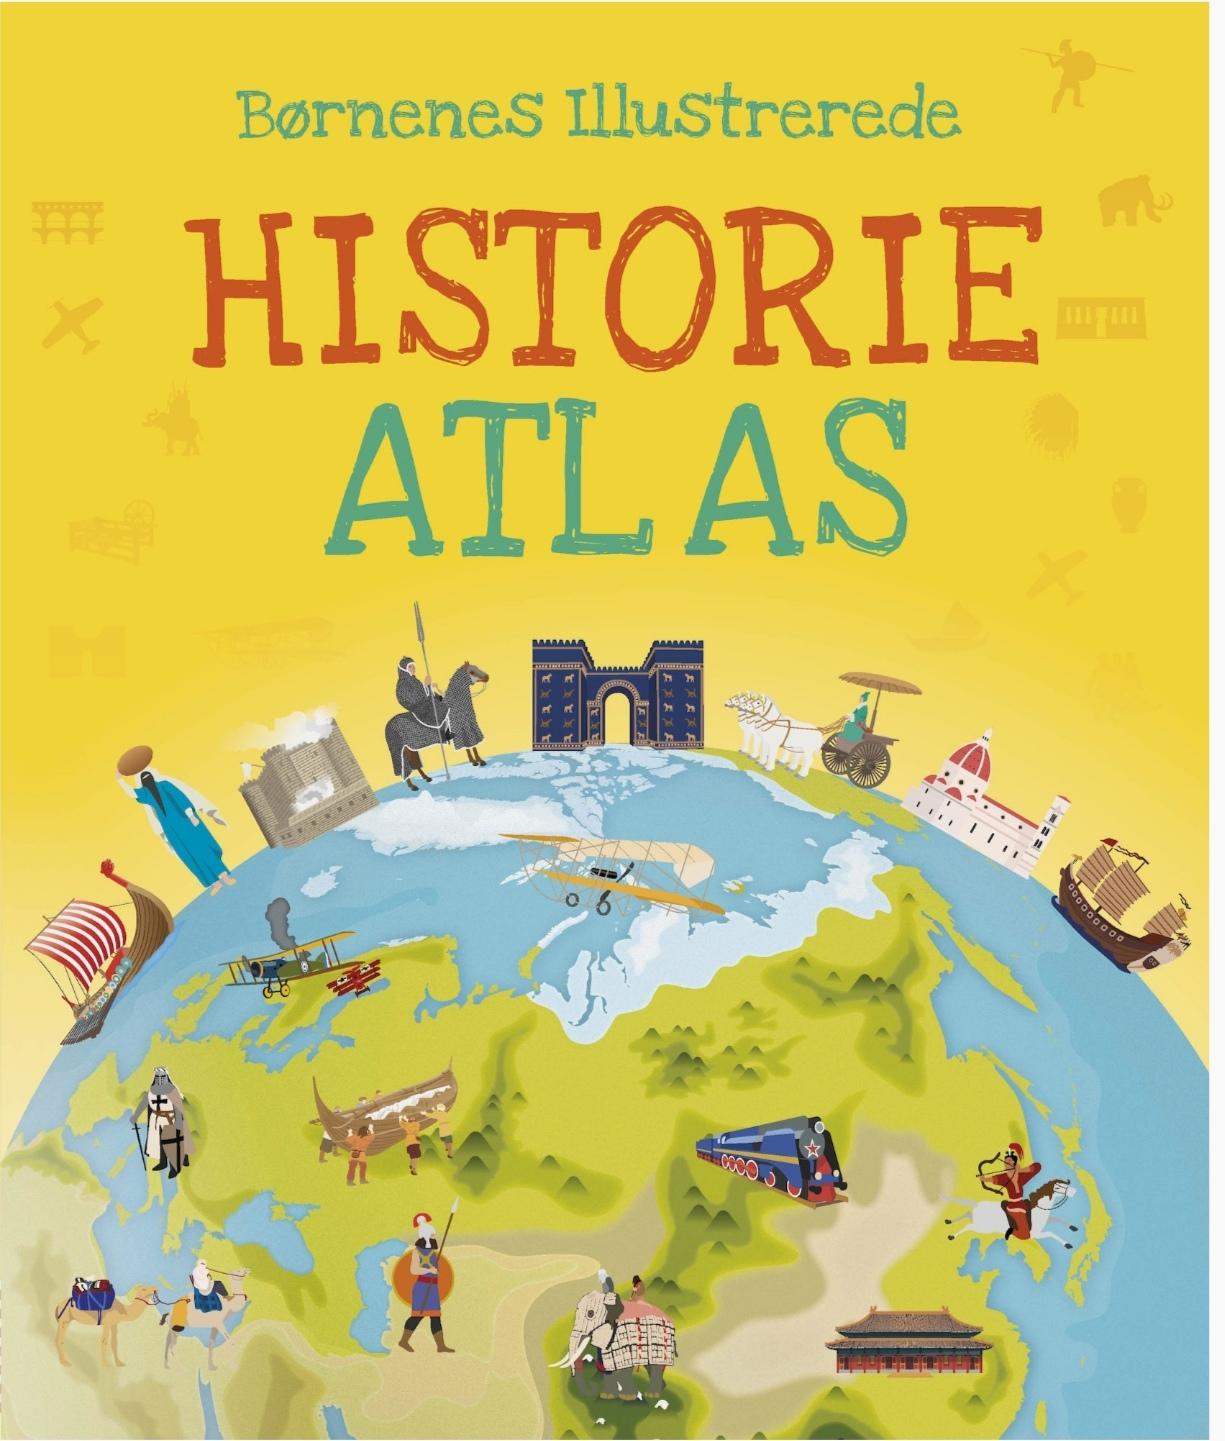 Børnenes illustrerede historie atlas